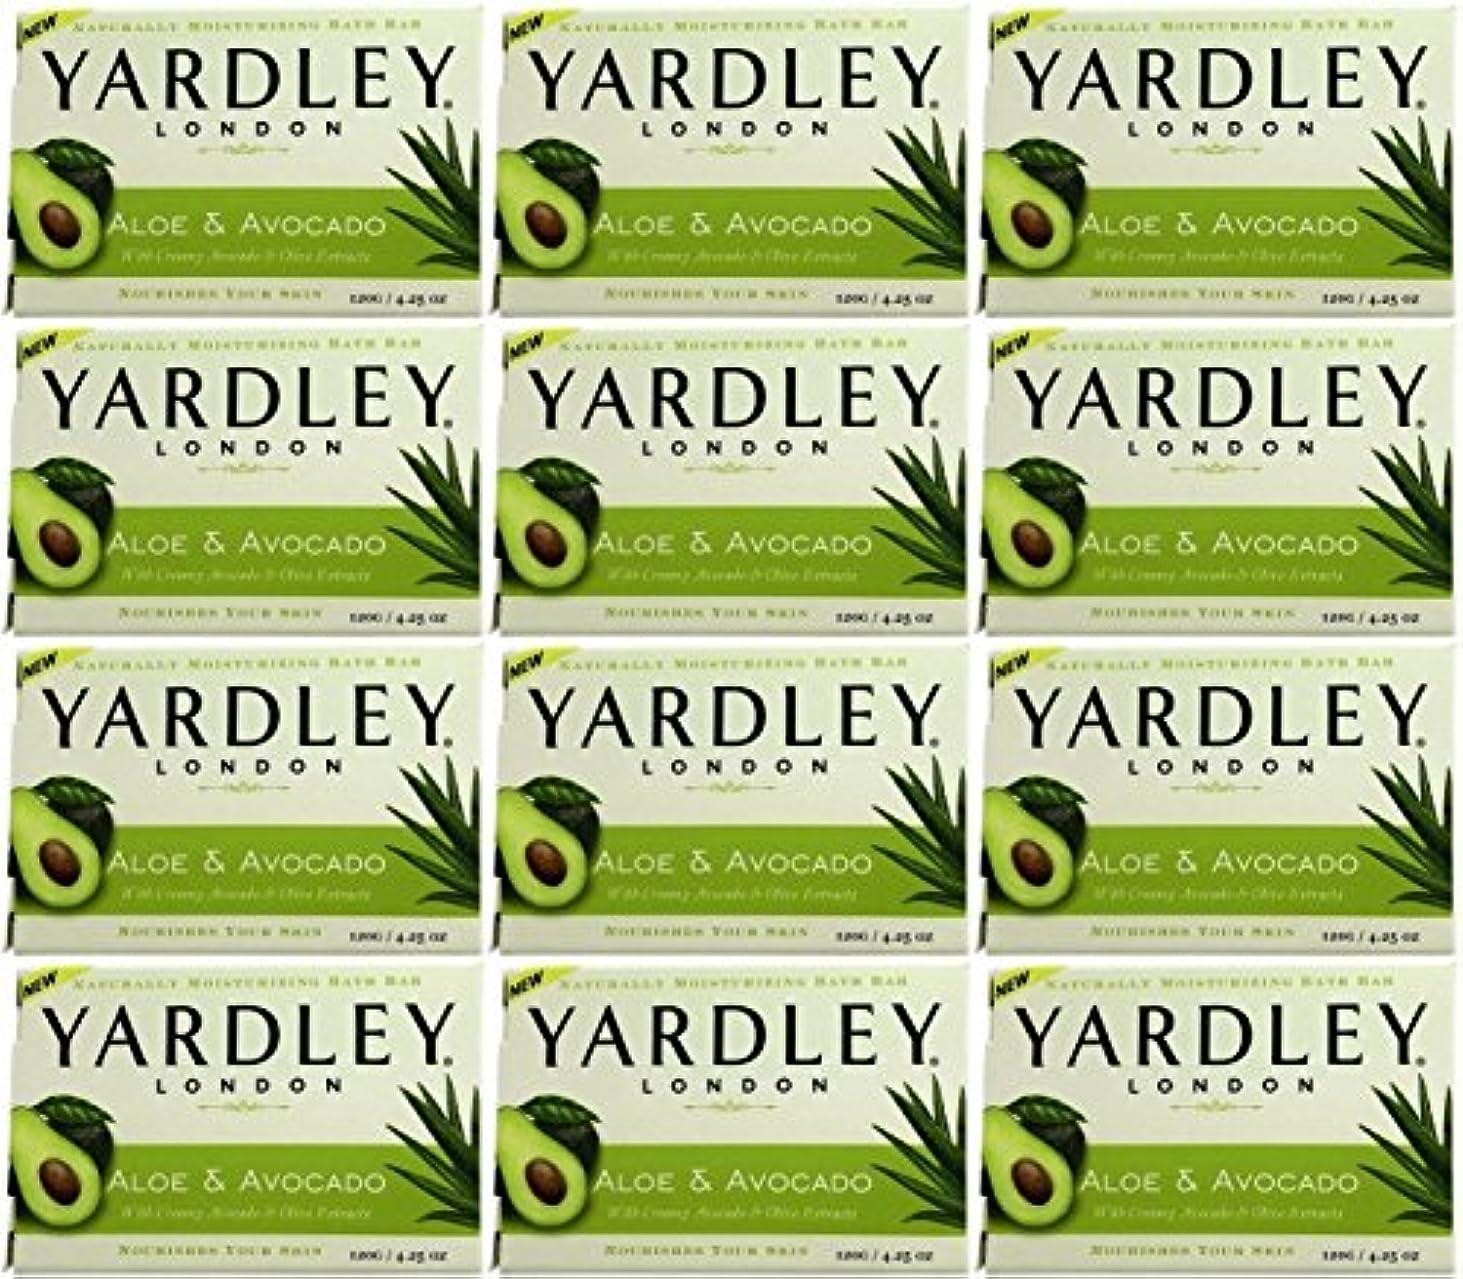 雪だるま豊富な歴史家Yardley ロンドンアロエアボカド当然のことながら保湿入浴バー4.25オズ(12パック) 12のパック ヌル